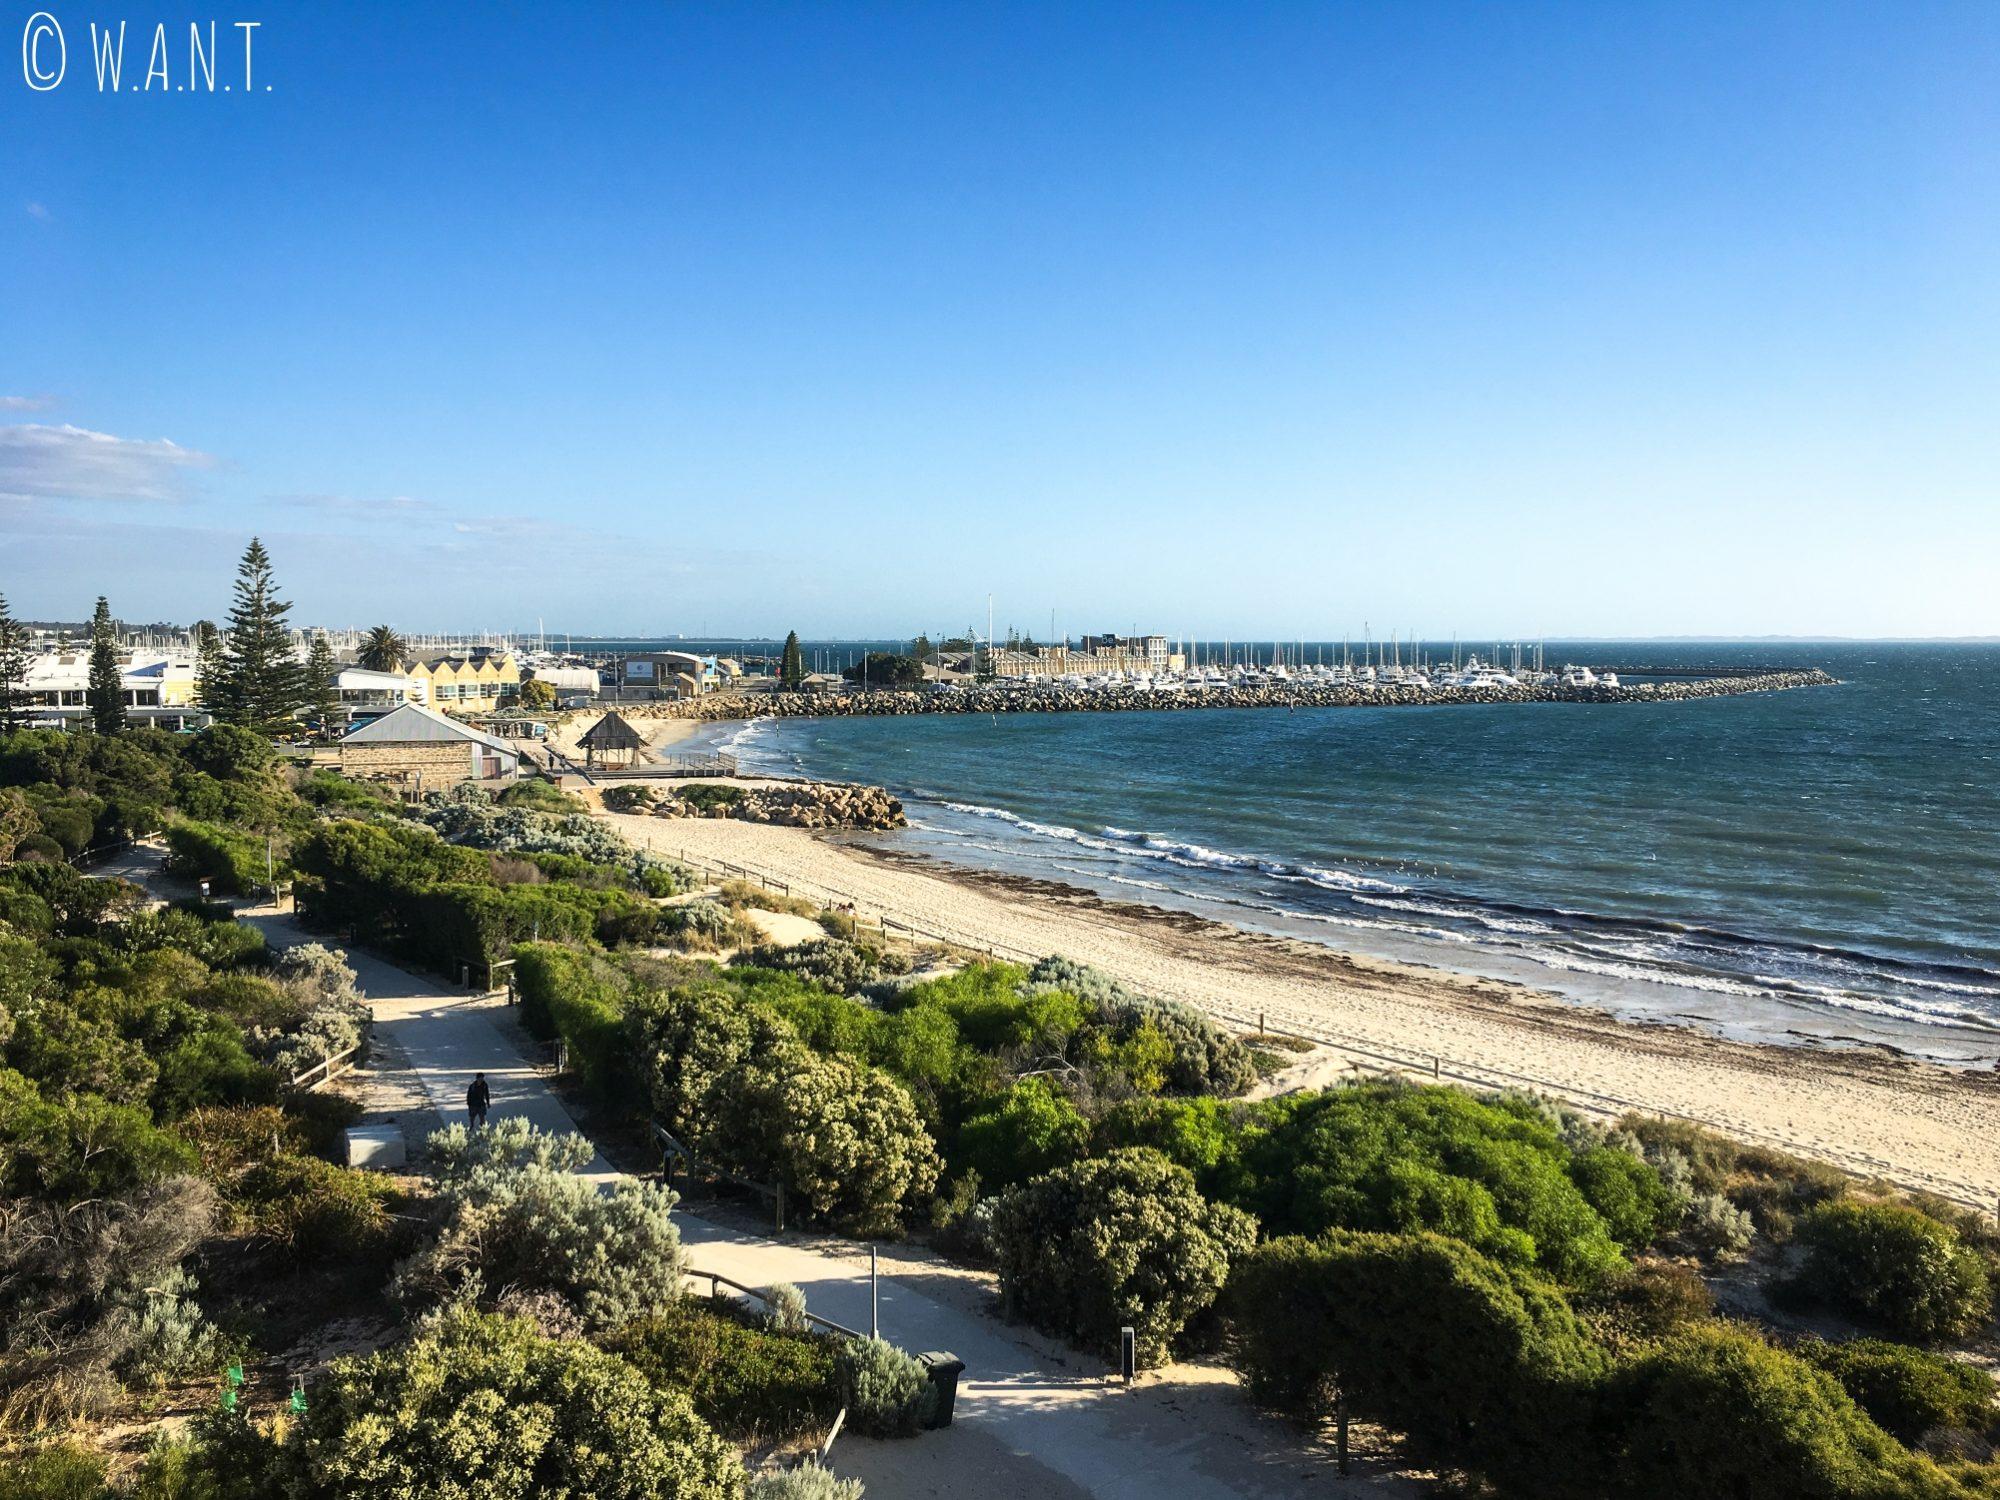 La longue plage de Fremantle vue depuis la maison ronde